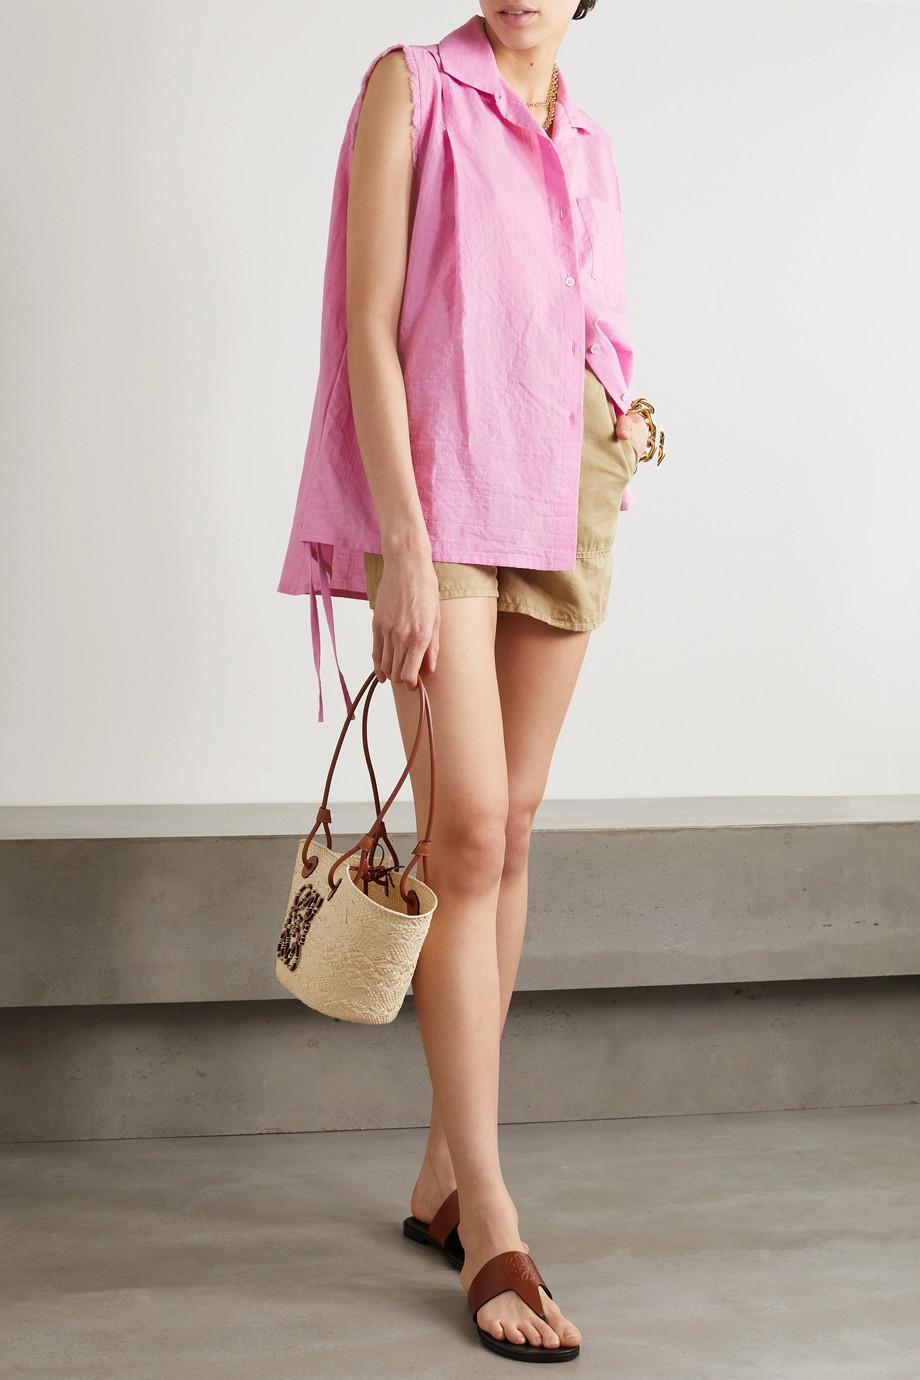 Loewe + Paula's Ibiza Bluse aus Baumwolle mit Fransen zum Binden